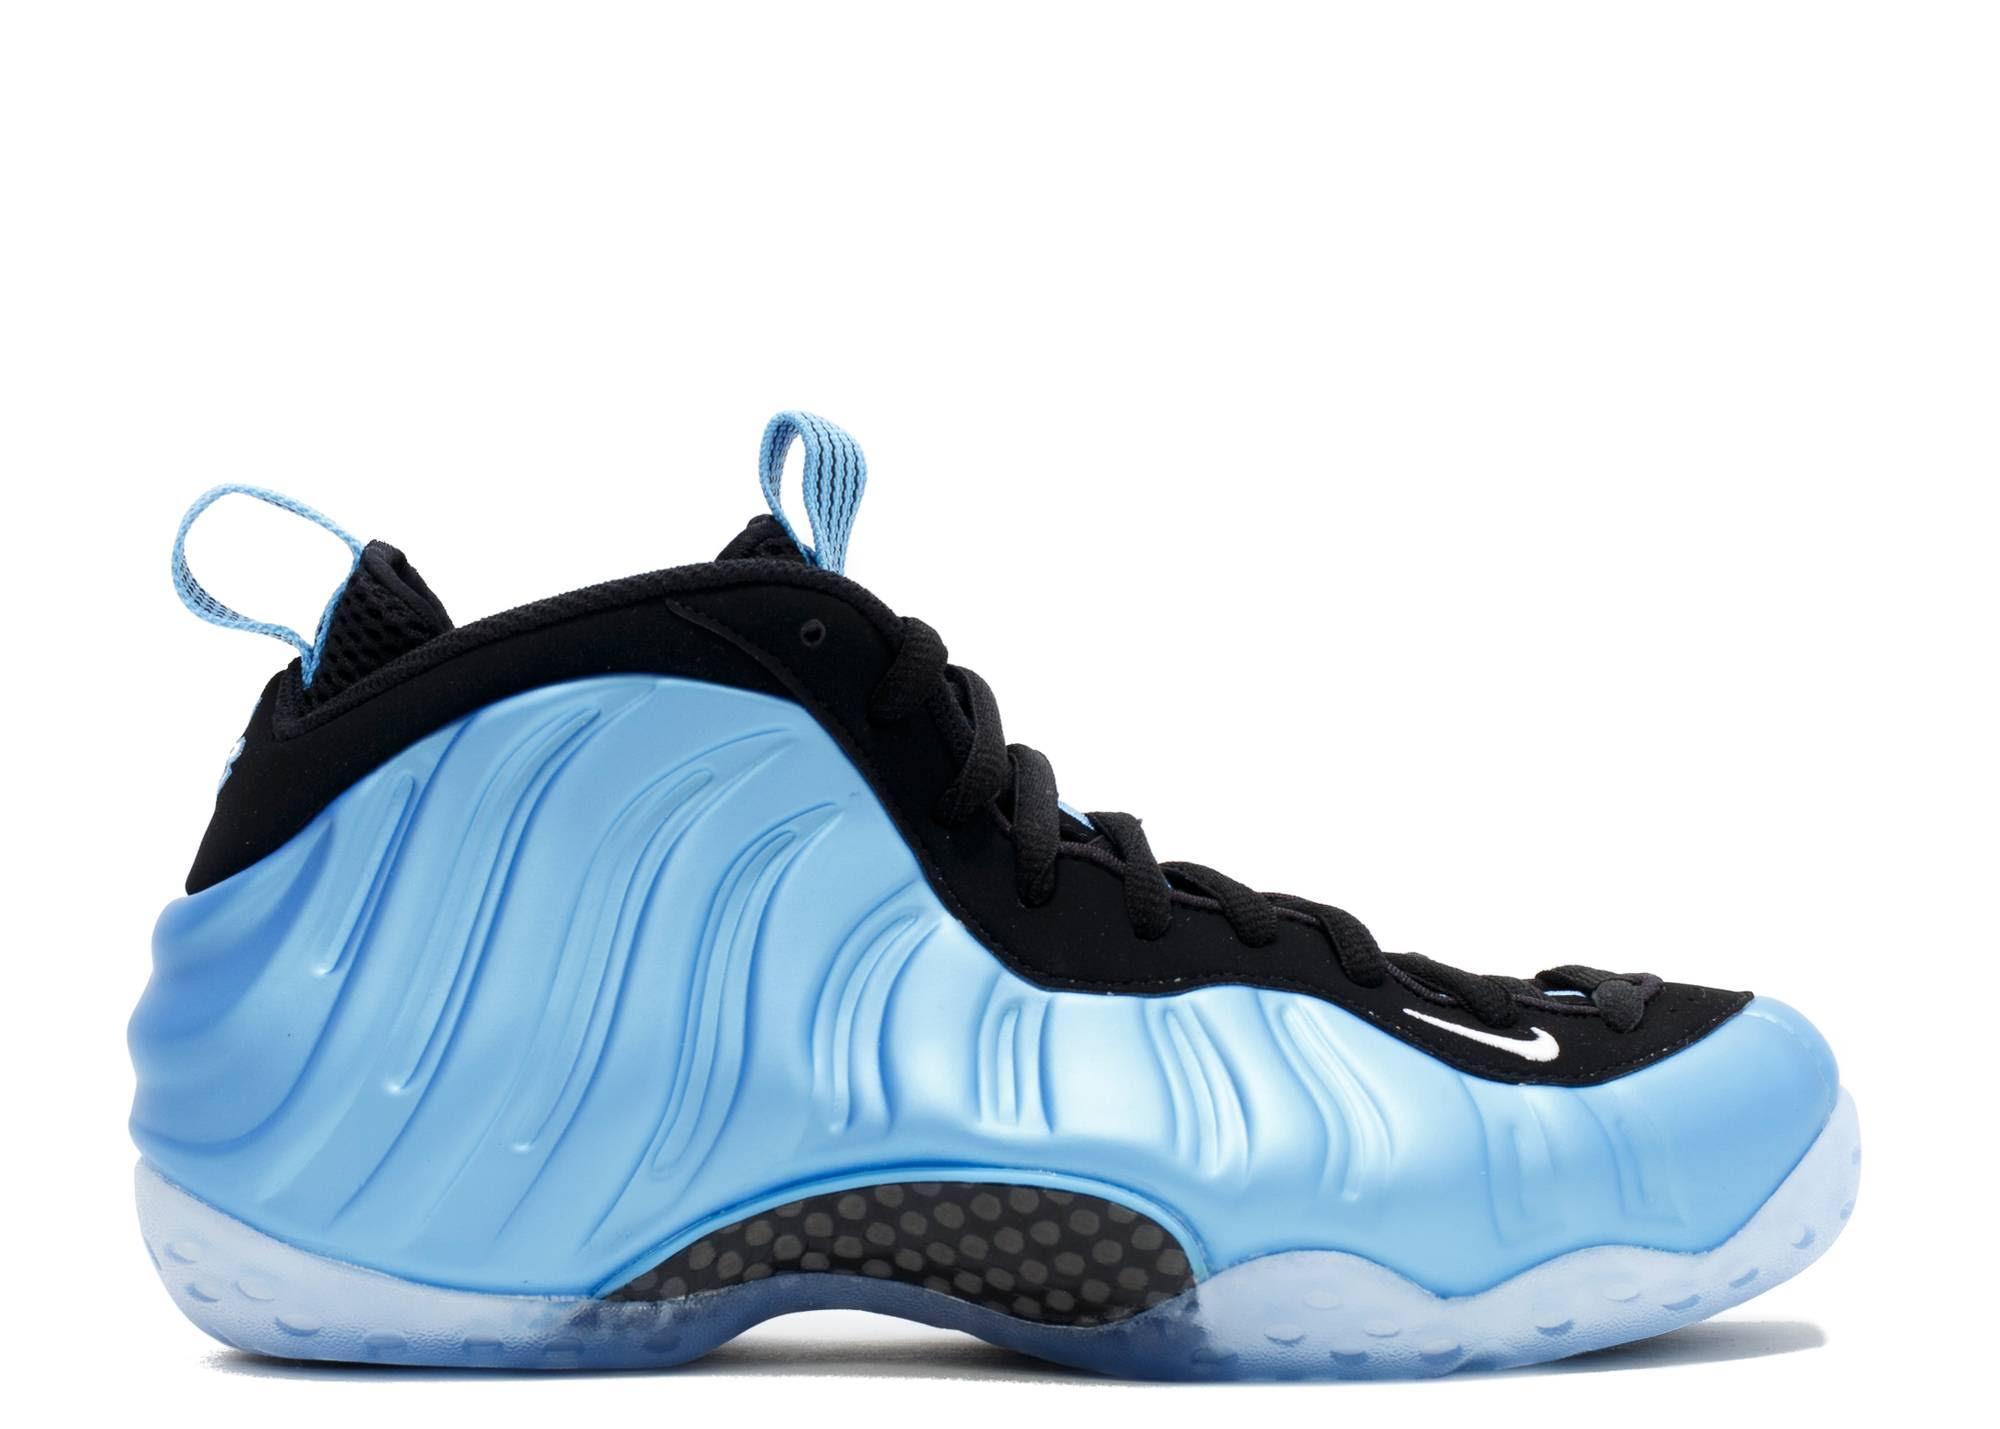 De Nike Hombre Para 'university Zapatillas 12 0 Deporte Tamaño Air Foamposite Blue' One gqzdE